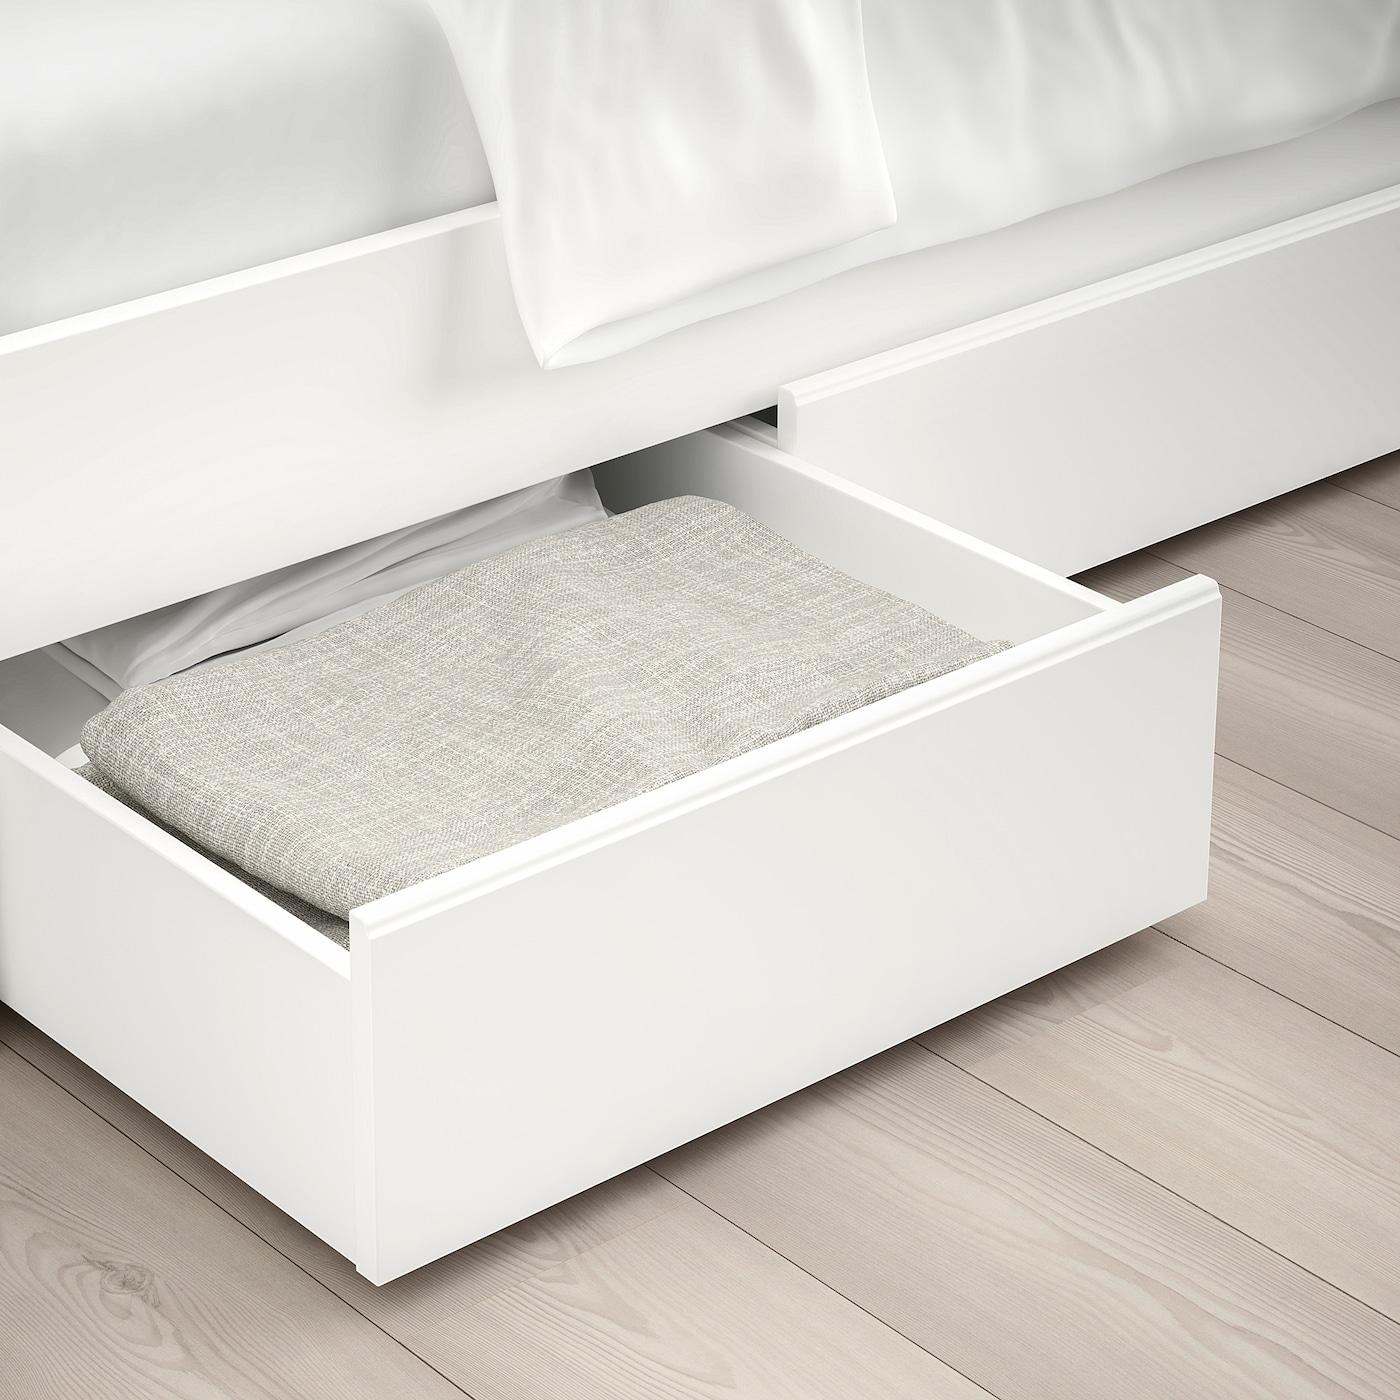 SONGESAND Estructura de cama con 4 cajones blanco 140x200 cm